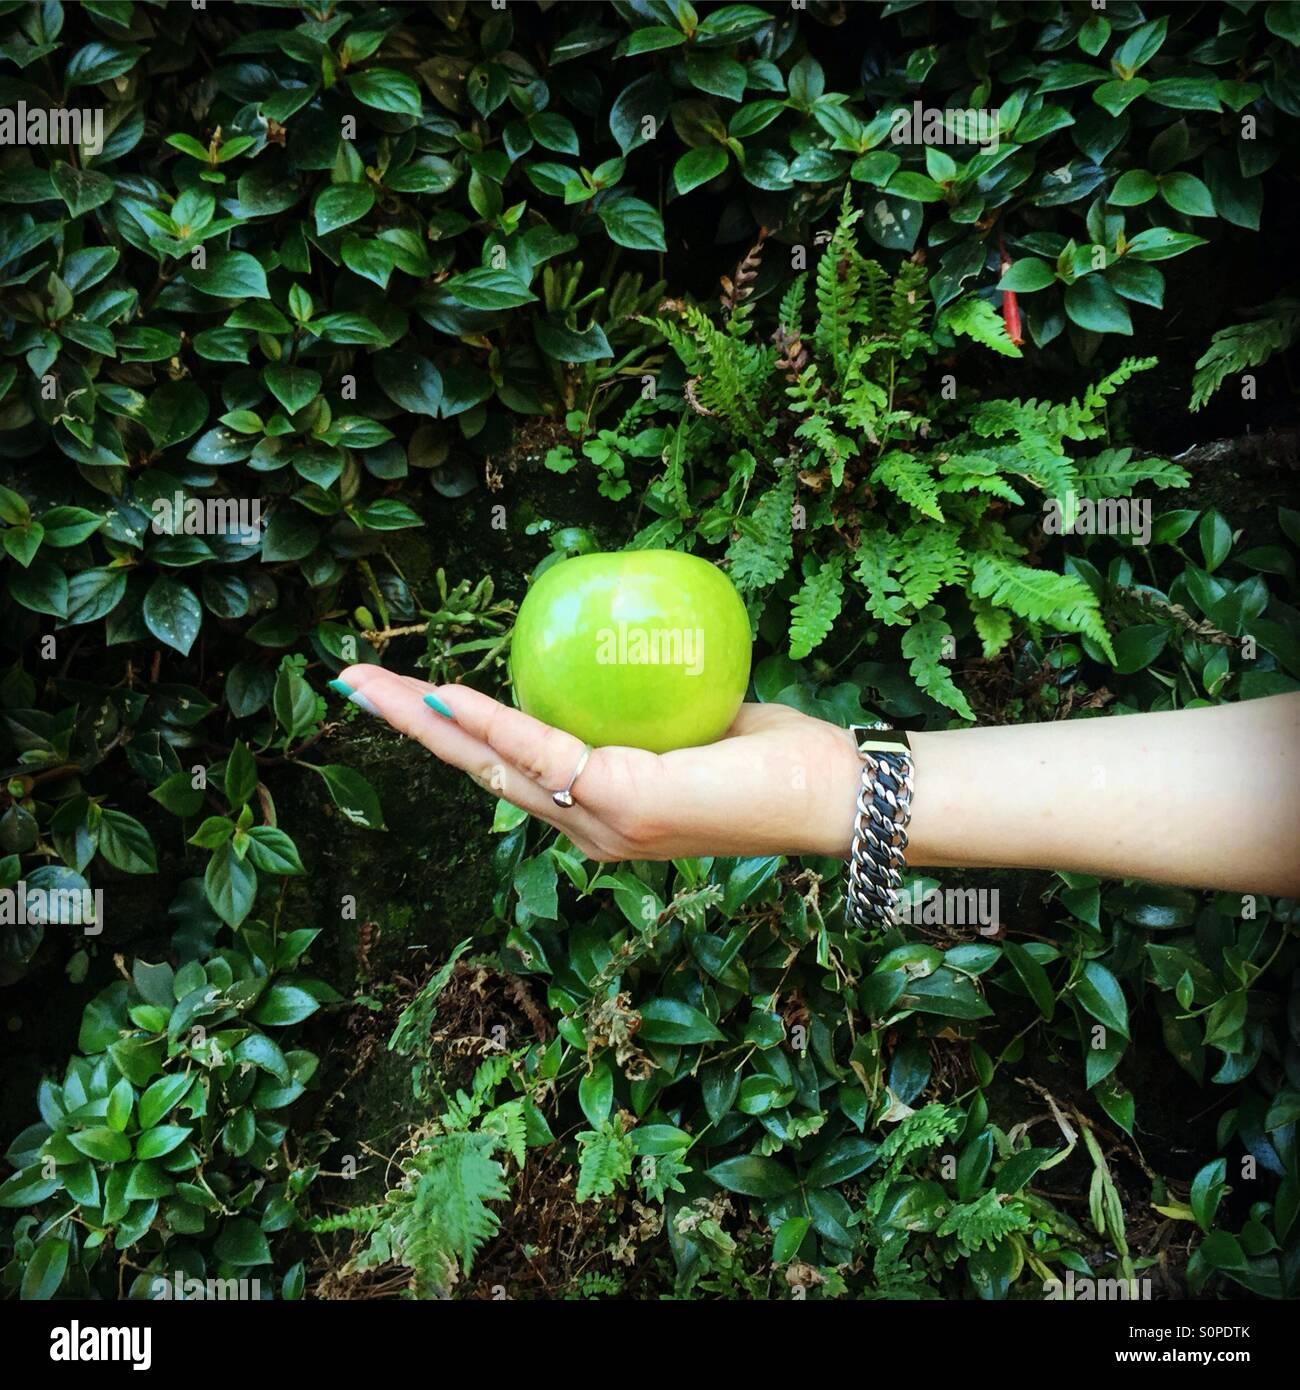 Grüner Apfel auf die Hand mit der Handfläche eines Mädchens mit dem lebendigen Hintergrund Wand Stockbild